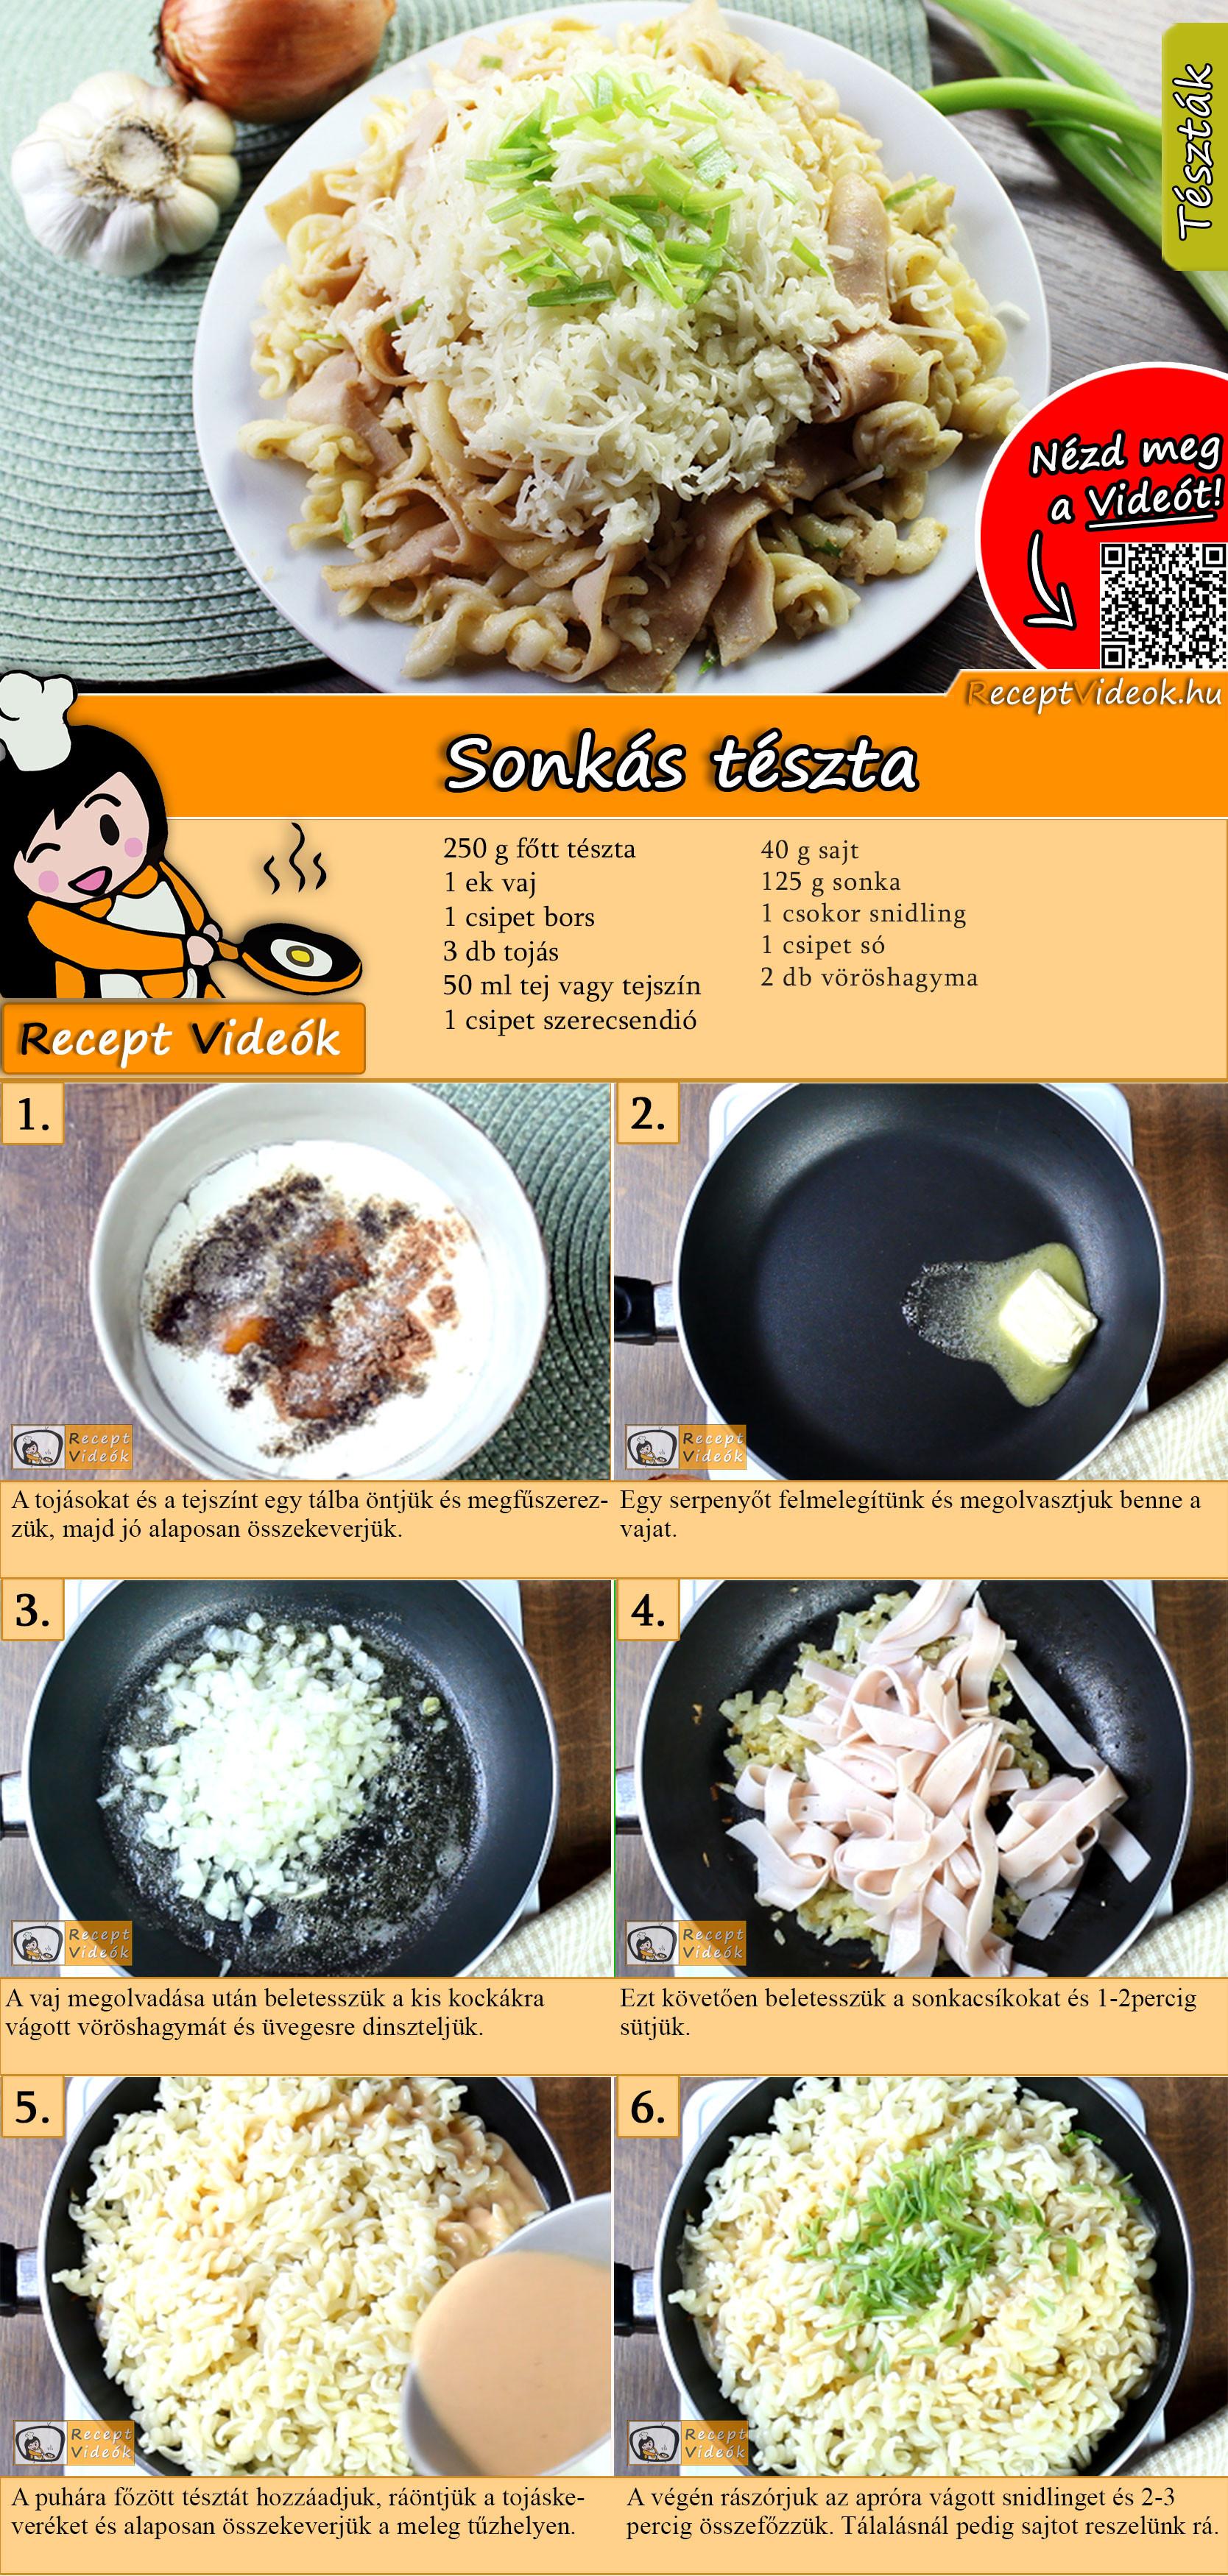 Sonkás tészta recept elkészítése videóval